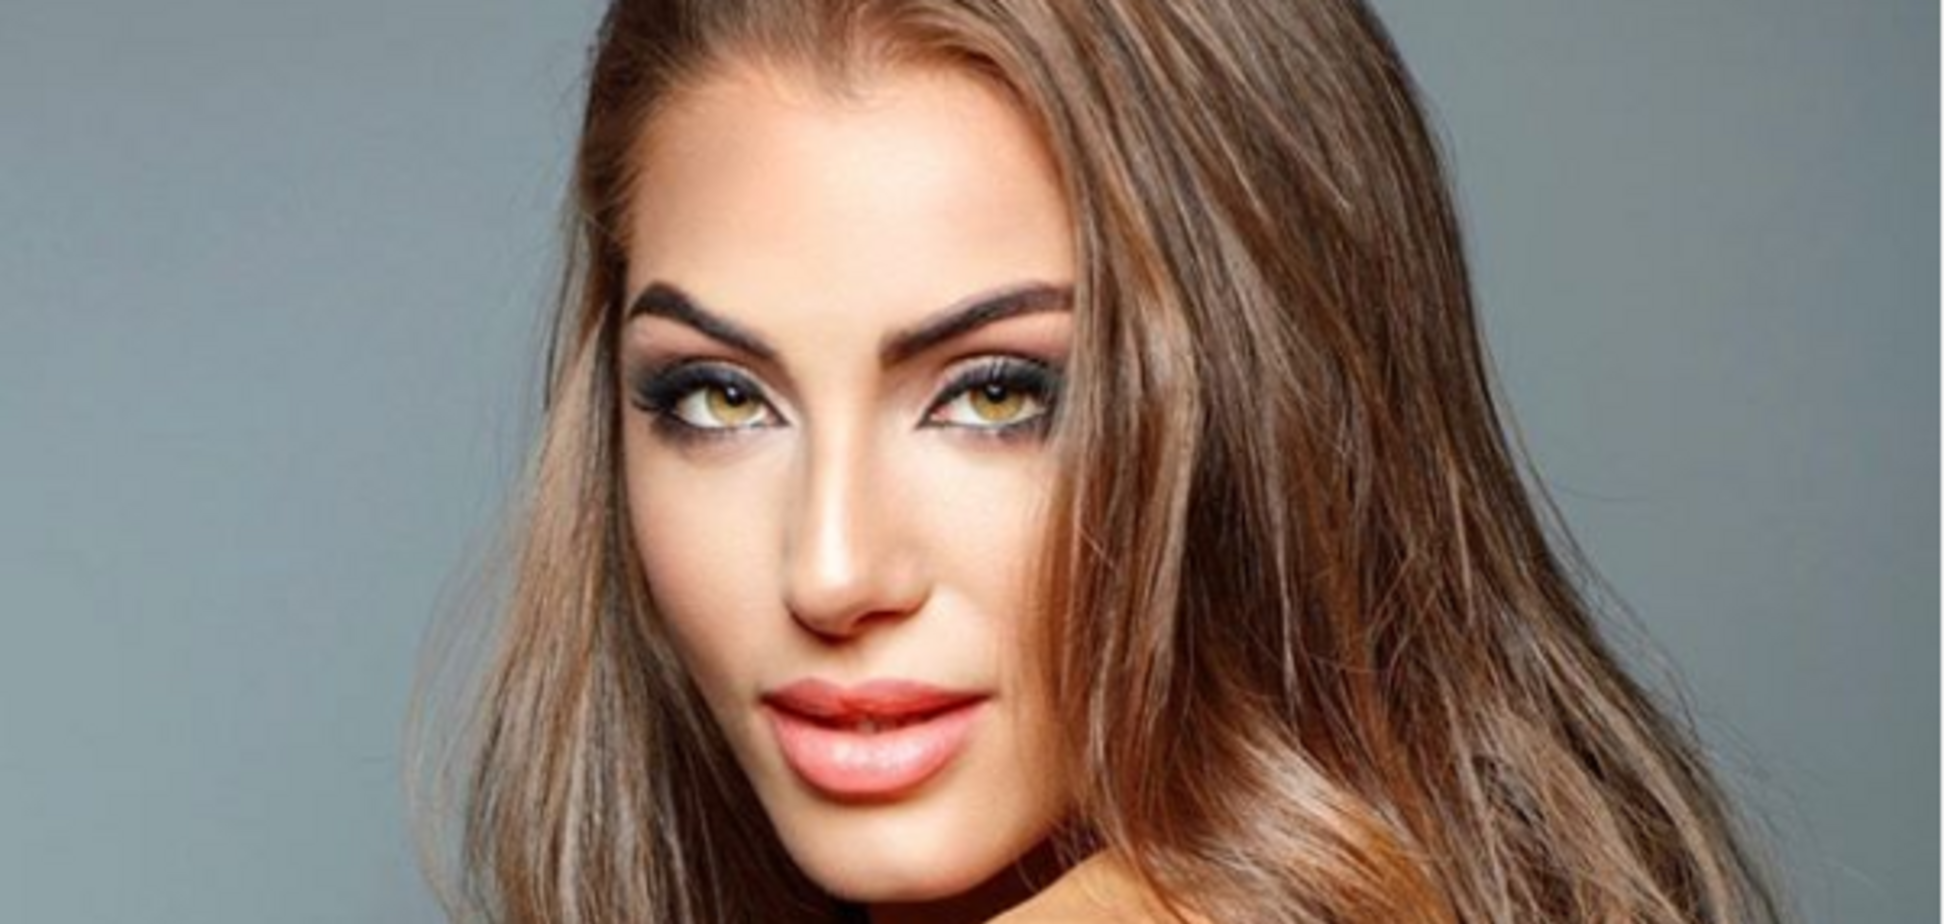 'Крутіше за Волочкову!' 'Міс Україна-2019' вразила шанувальників ефектним шпагатом